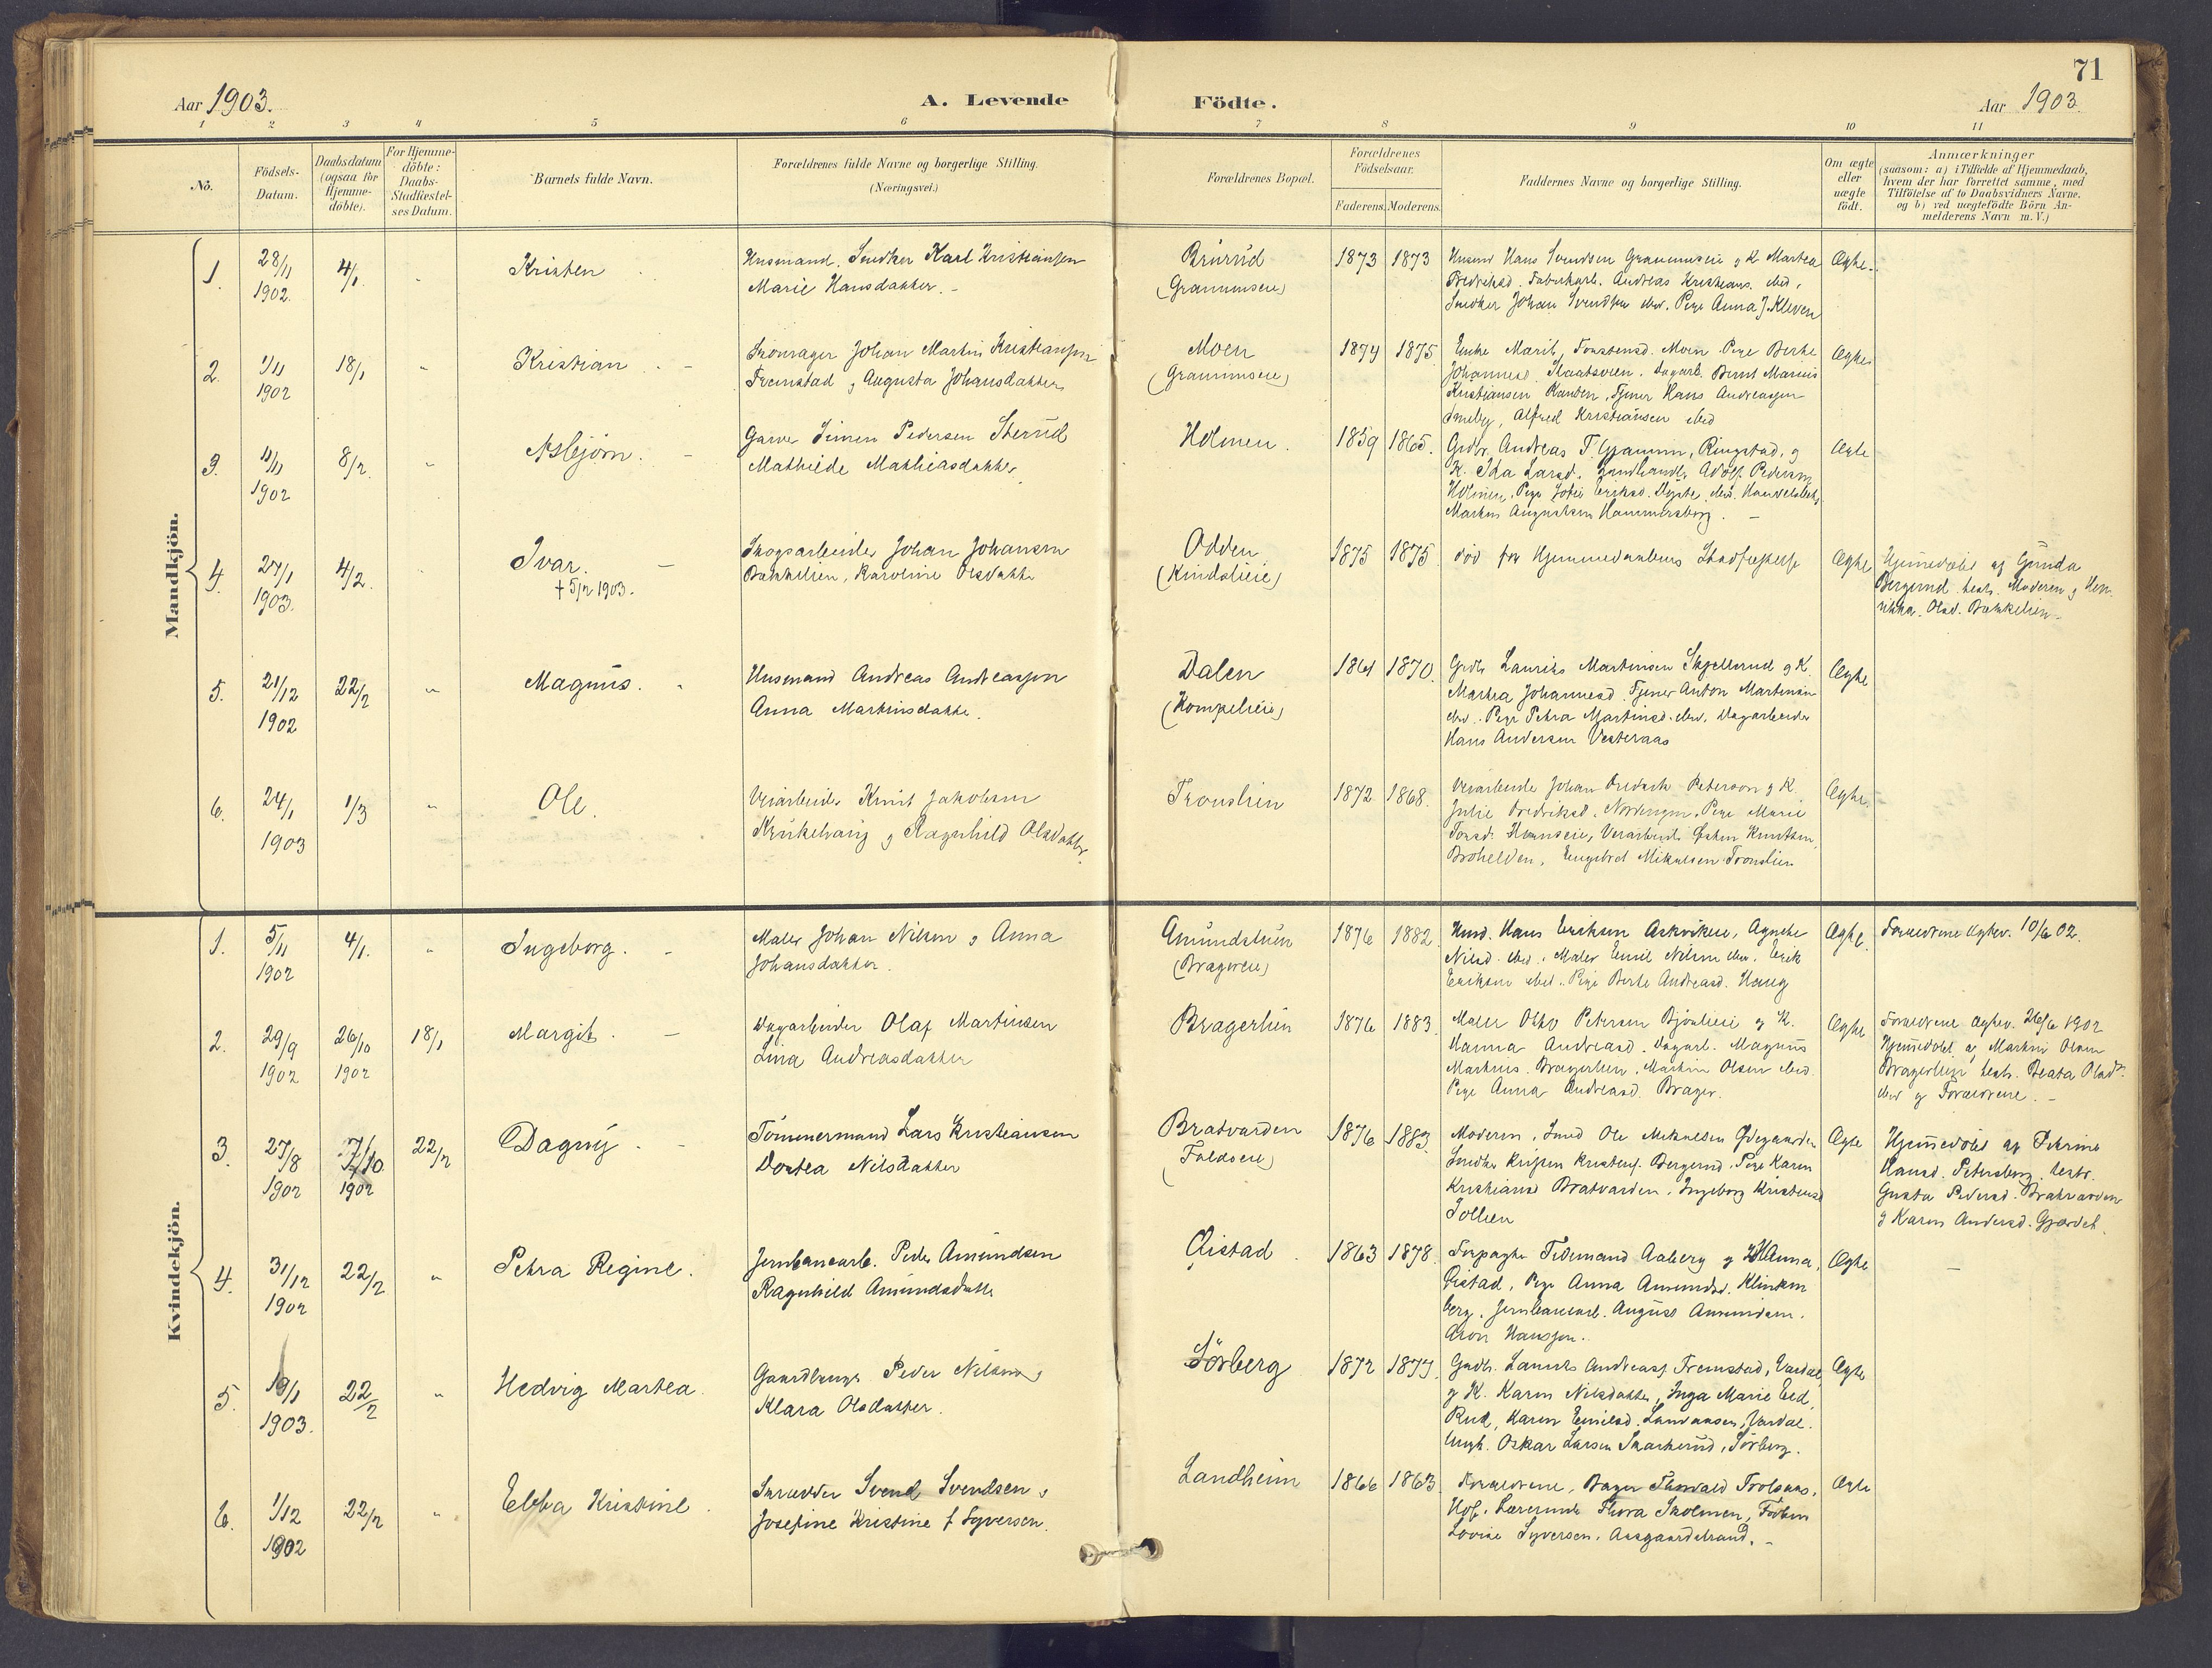 SAH, Søndre Land prestekontor, K/L0006: Parish register (official) no. 6, 1895-1904, p. 71